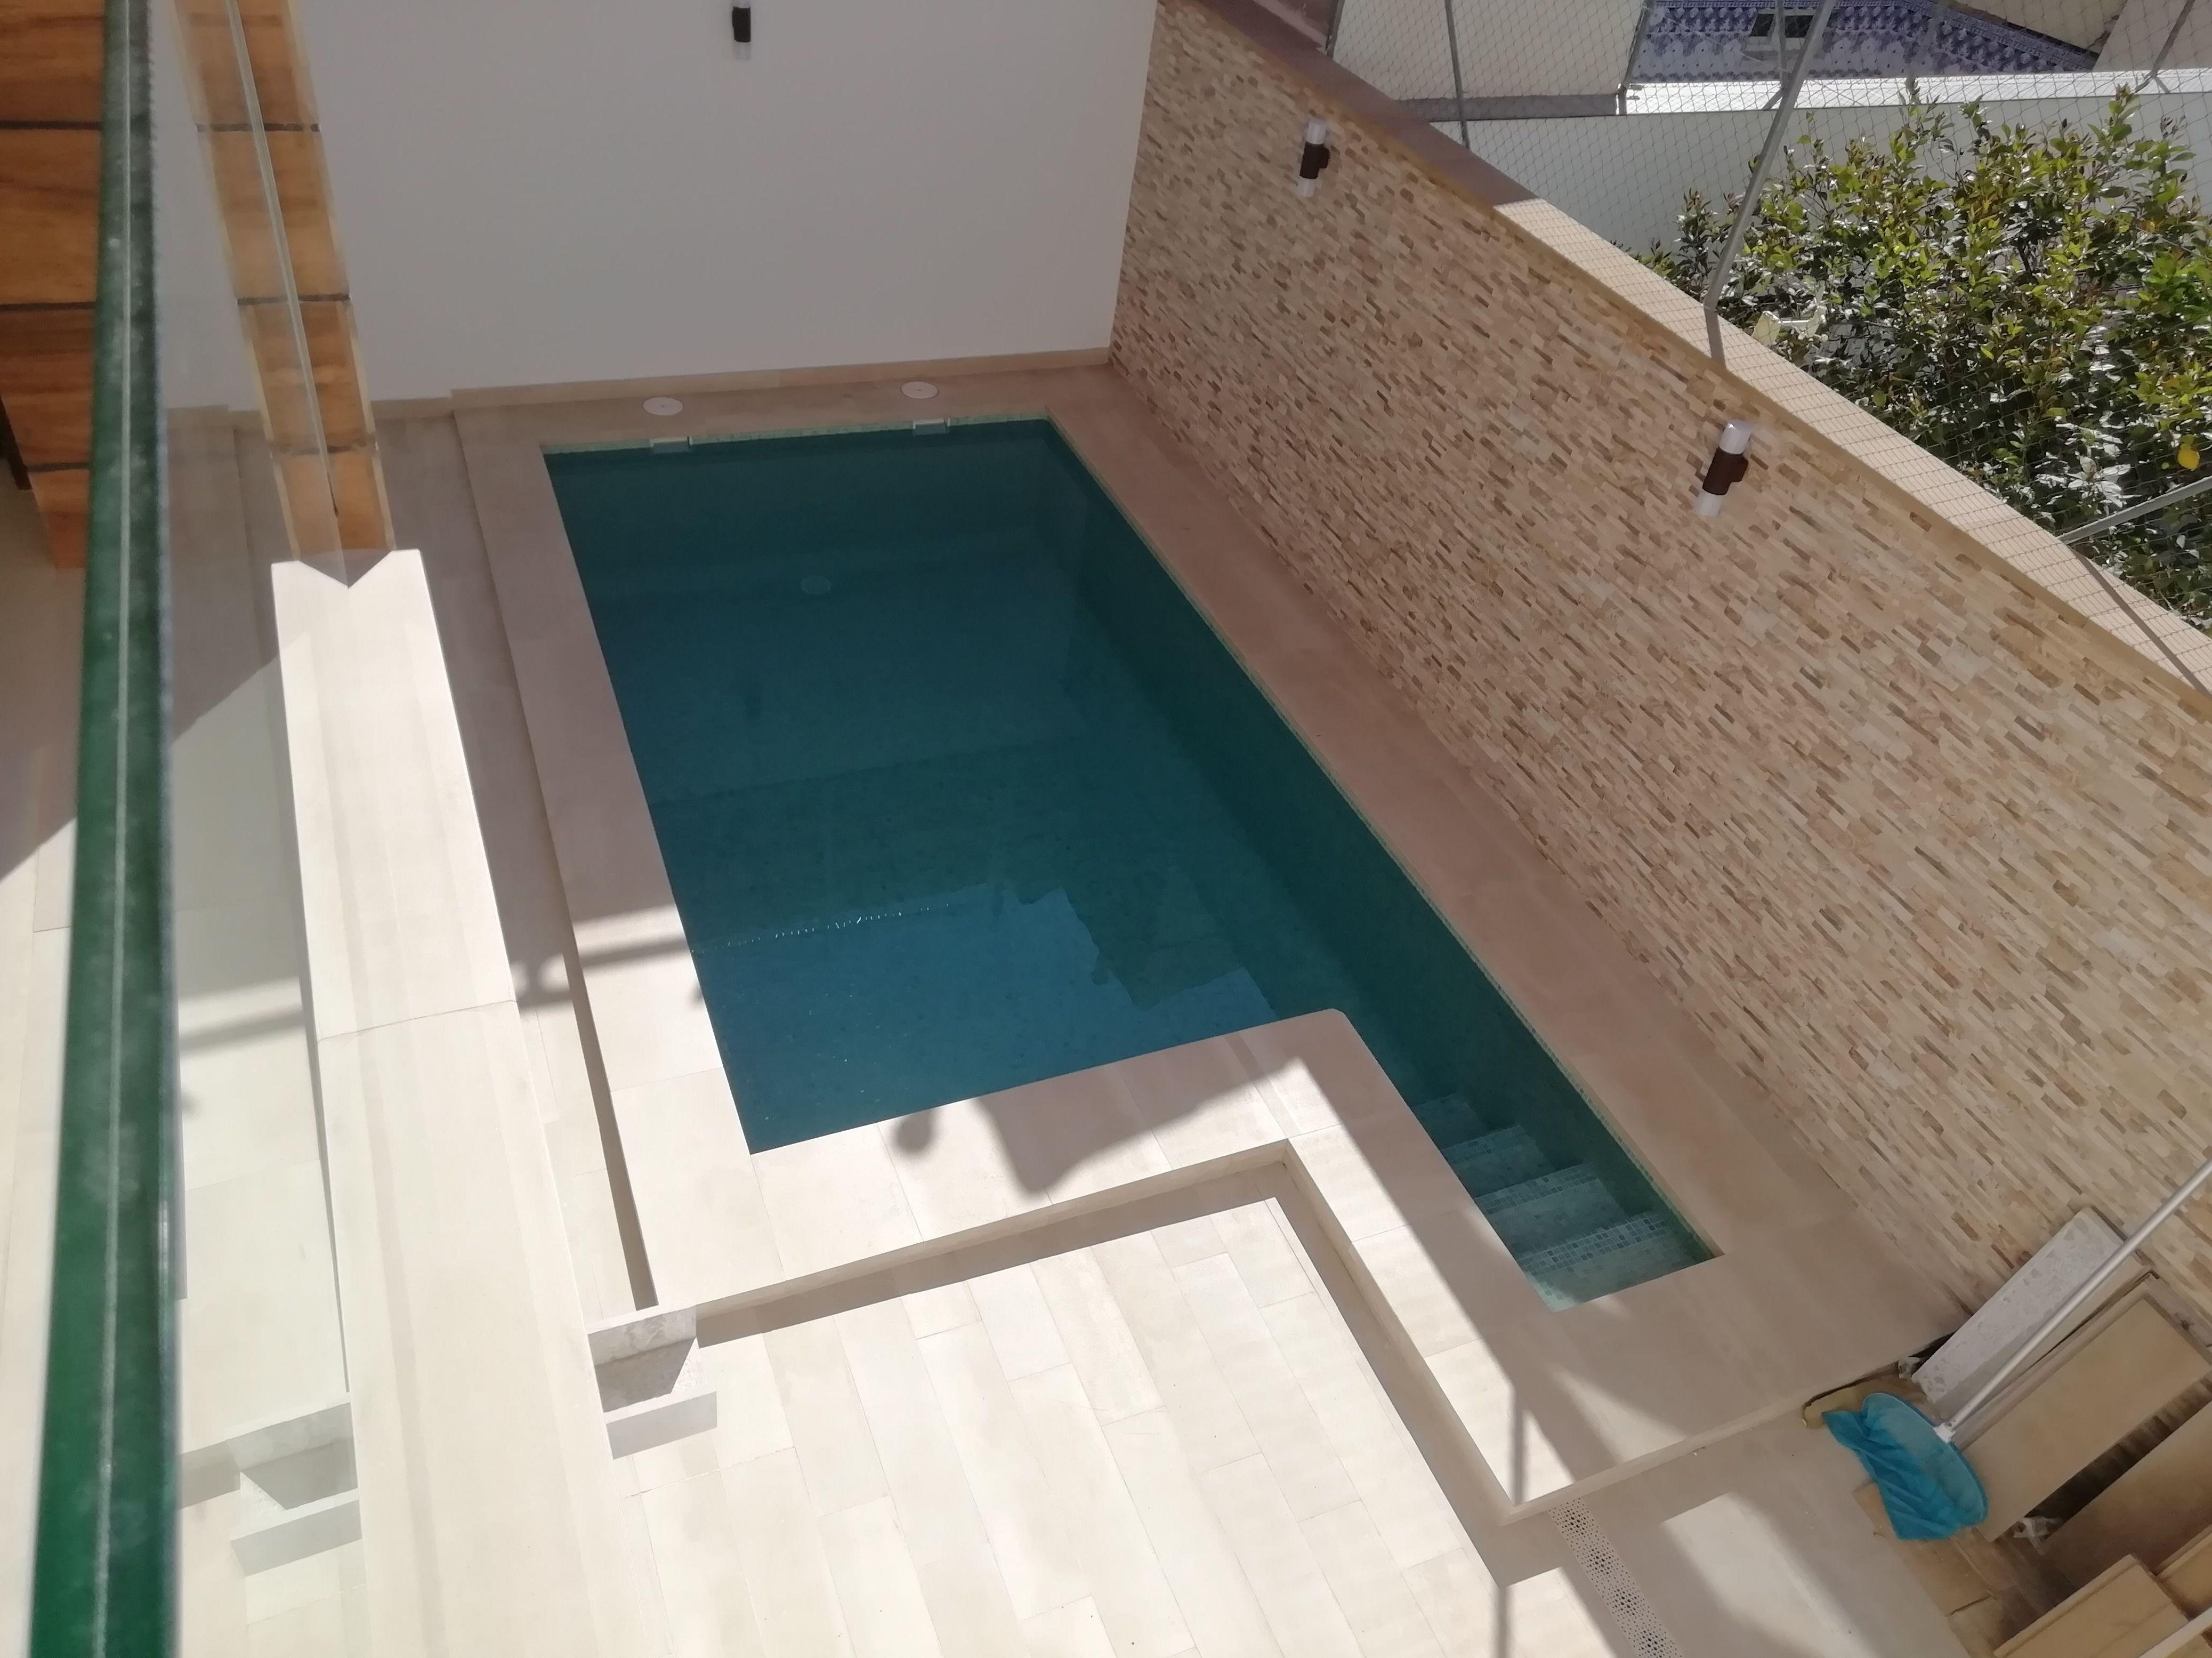 Seredacon, Vivienda Nueva  <<Unifamiliar entre medianeras>> vista terminada de piscina en patio interior